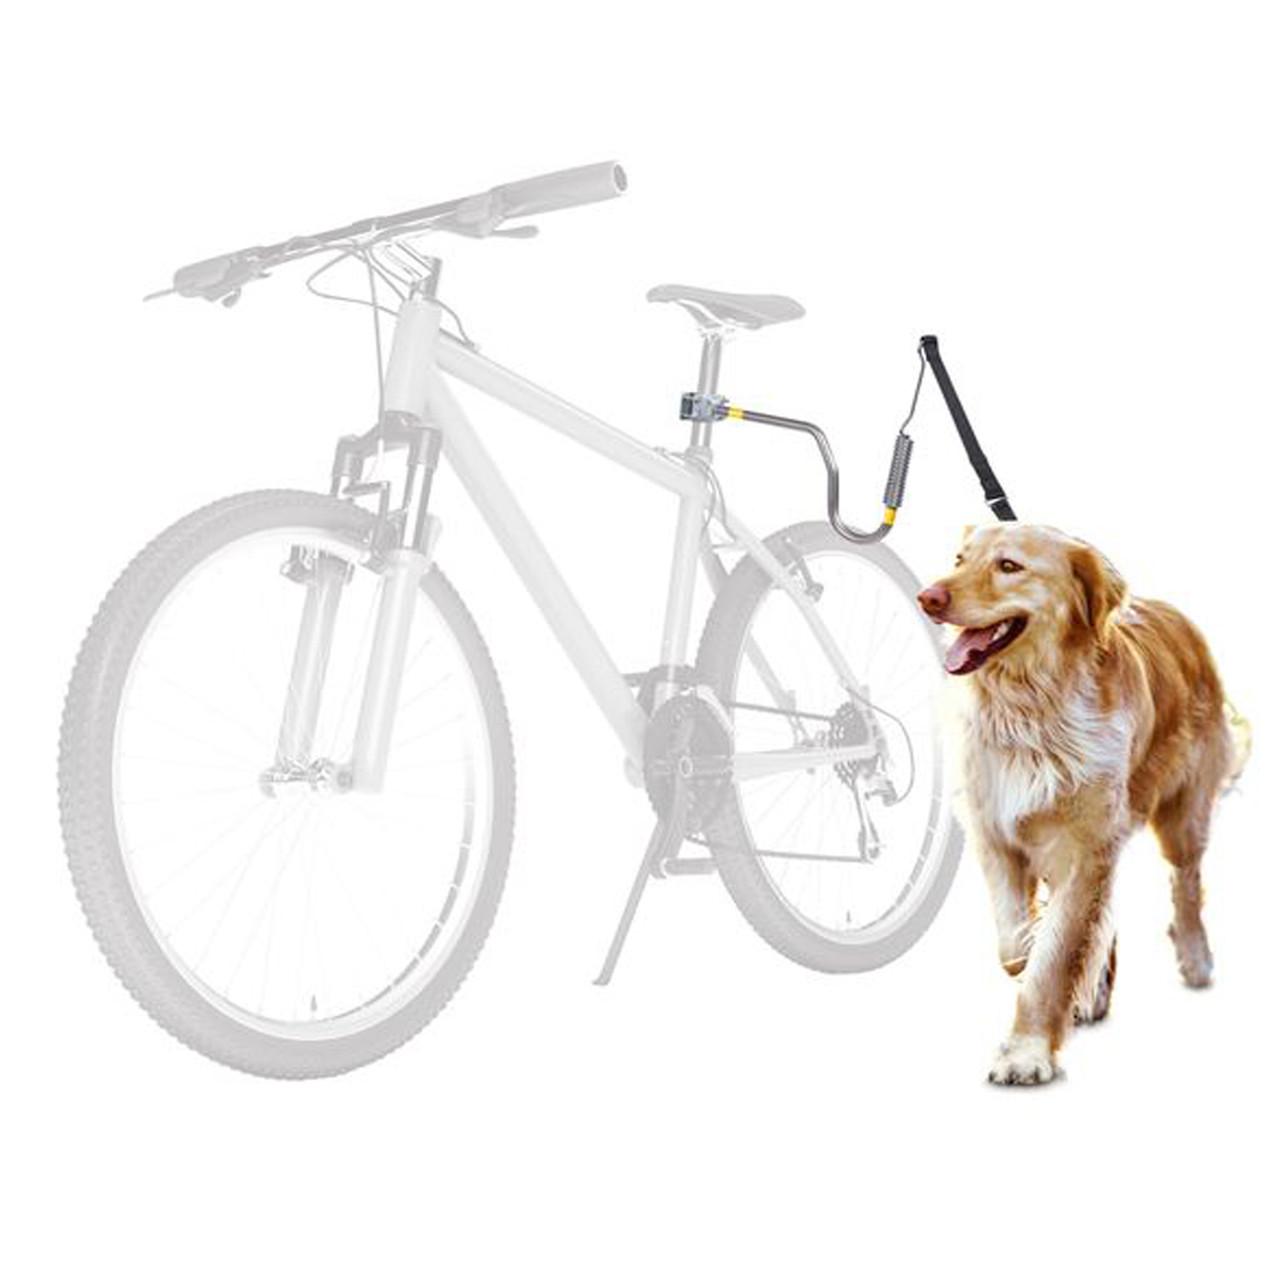 Велоспрингер для собак (поводок з кріпленням до велосипеда) Zoofari 503 (OL-6310)